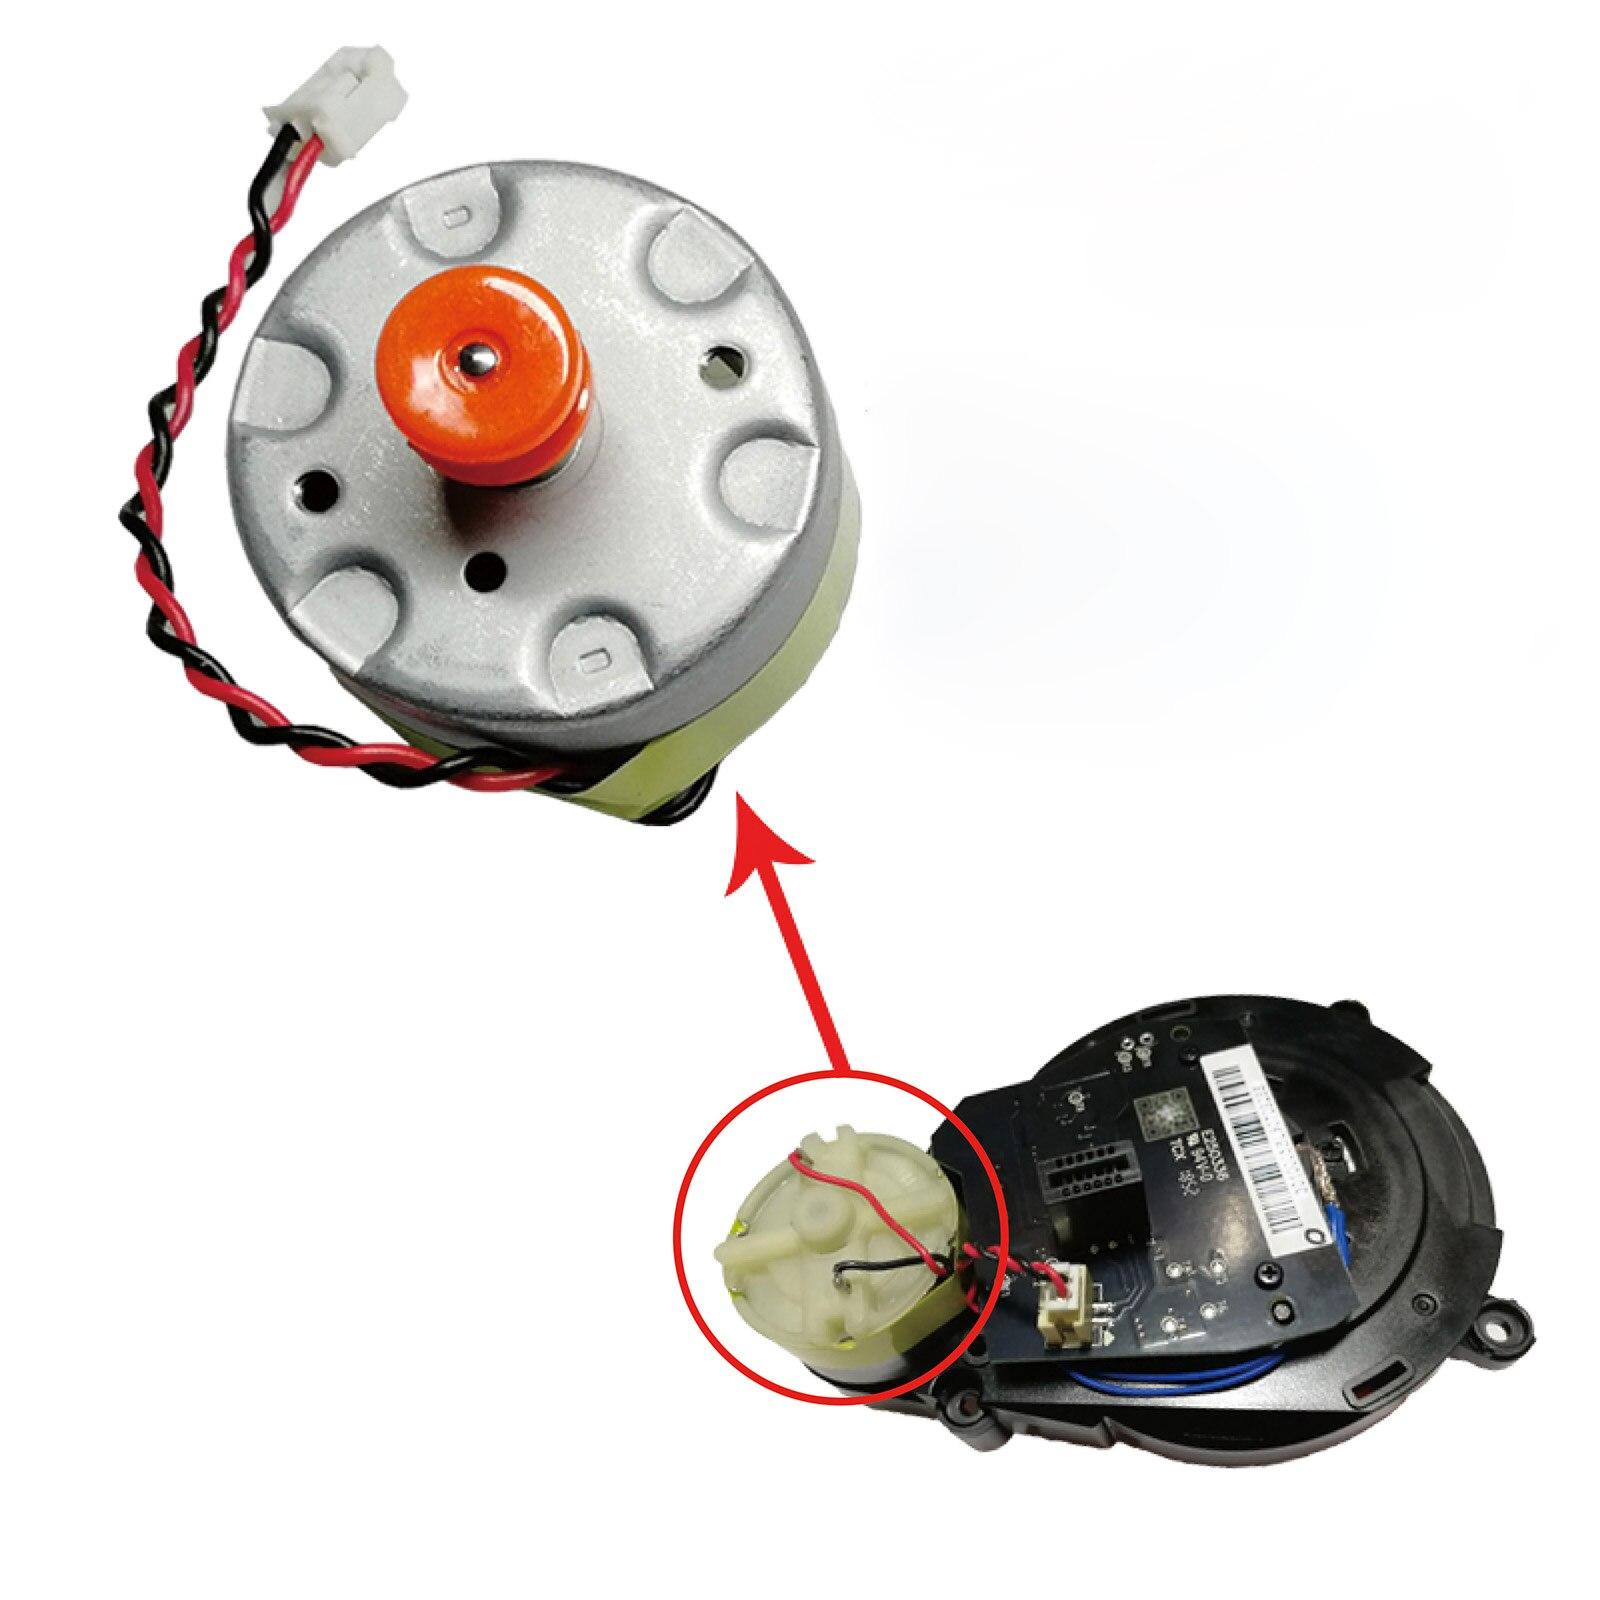 Moteur de remplacement de moteur de Transmission de vitesse capteur Laser ld moteur de nettoyage pour Xiaomi/Roborock S50 S51 S55 Robot aspirateur de balayage